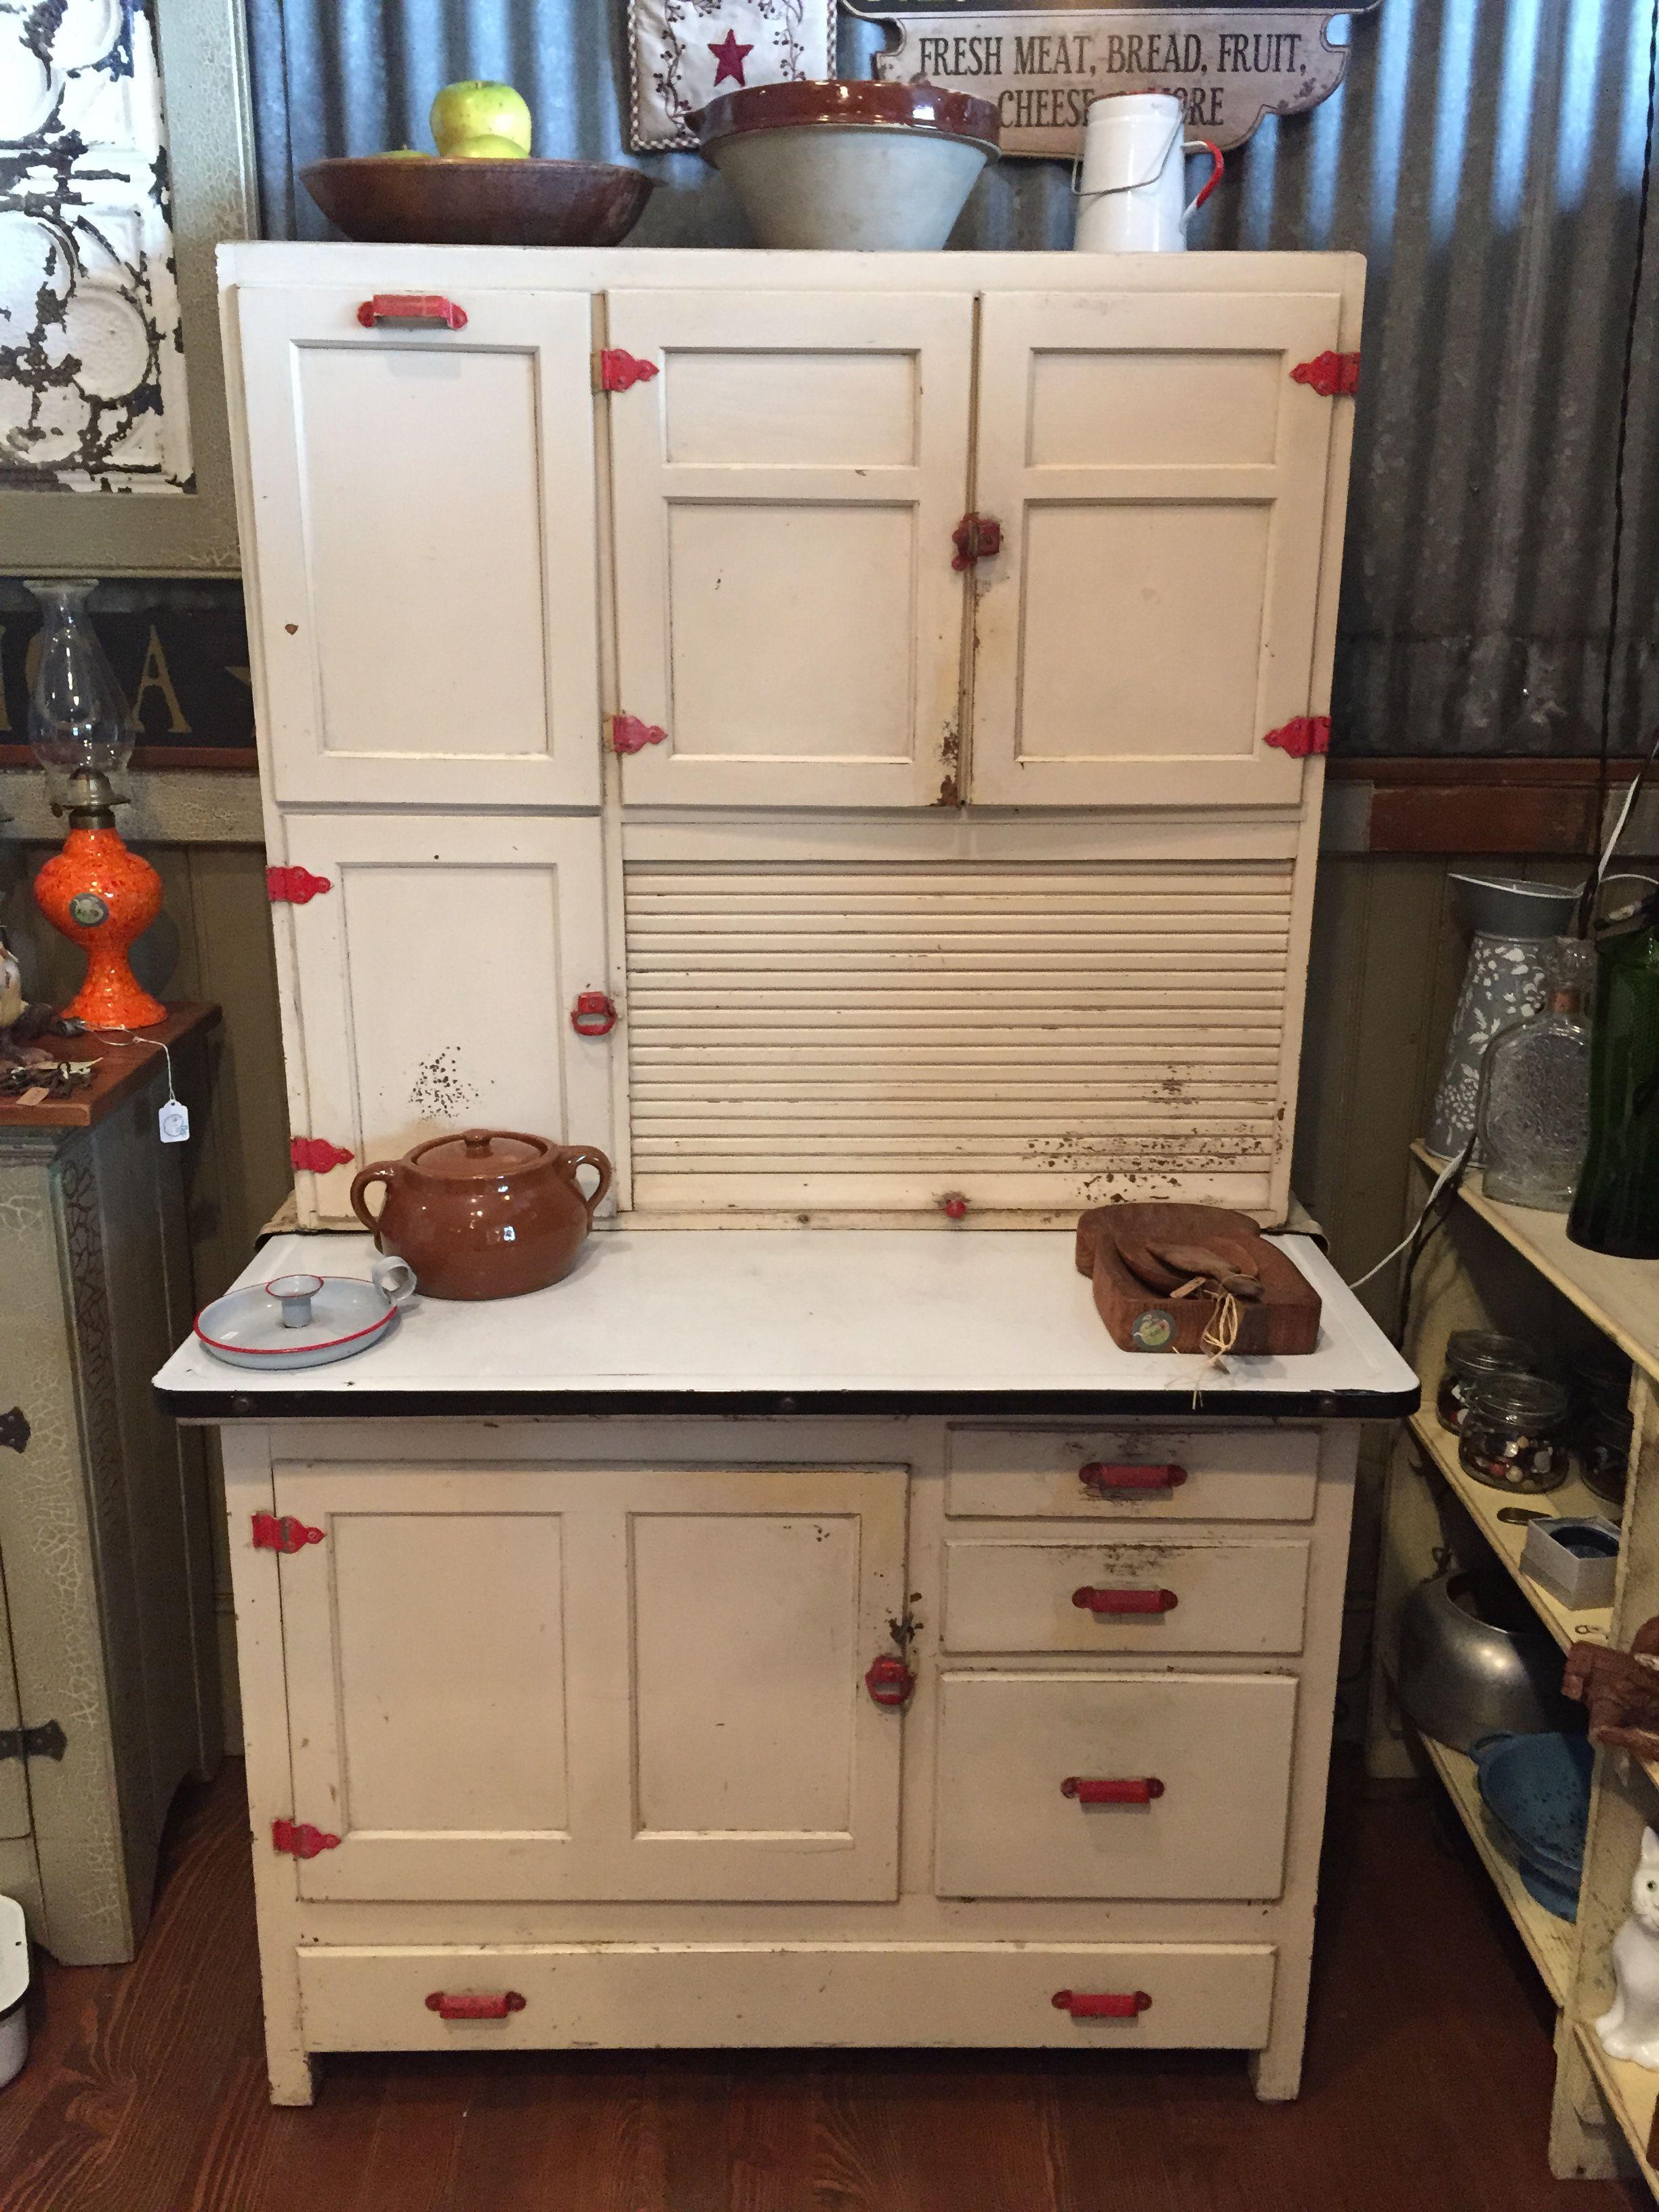 Google Images Of Vintage Hoosier Cabinet Google Search Vintage Kitchen Cabinets Vintage Cabinets Kitchen Cabinets For Sale